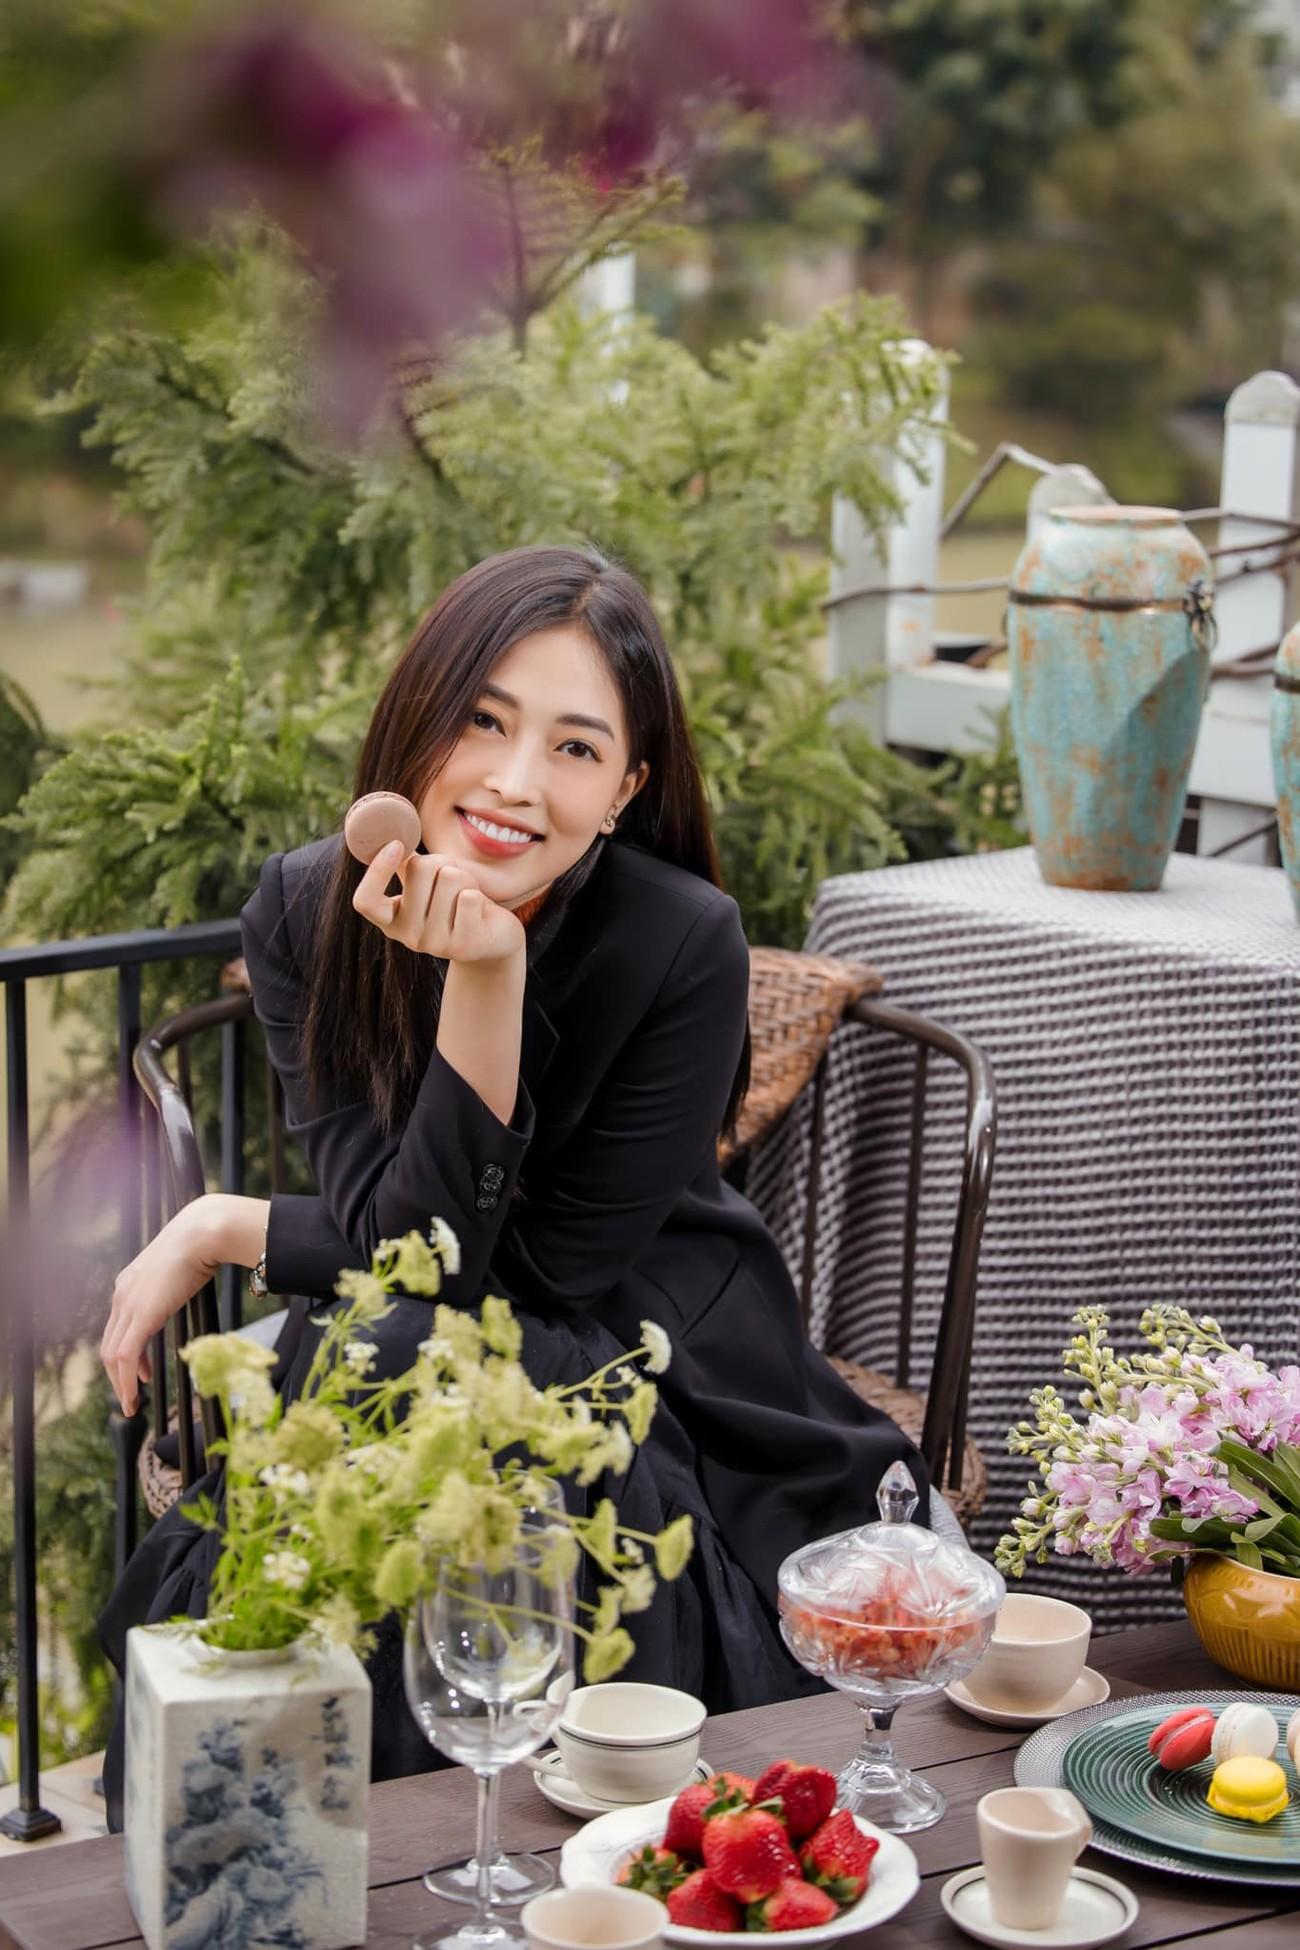 Hoa hậu Tiểu Vy mặc đơn giản vẫn đẹp hút hồn, Mai Phương Thuý diện váy cúp ngực nóng bỏng ảnh 7